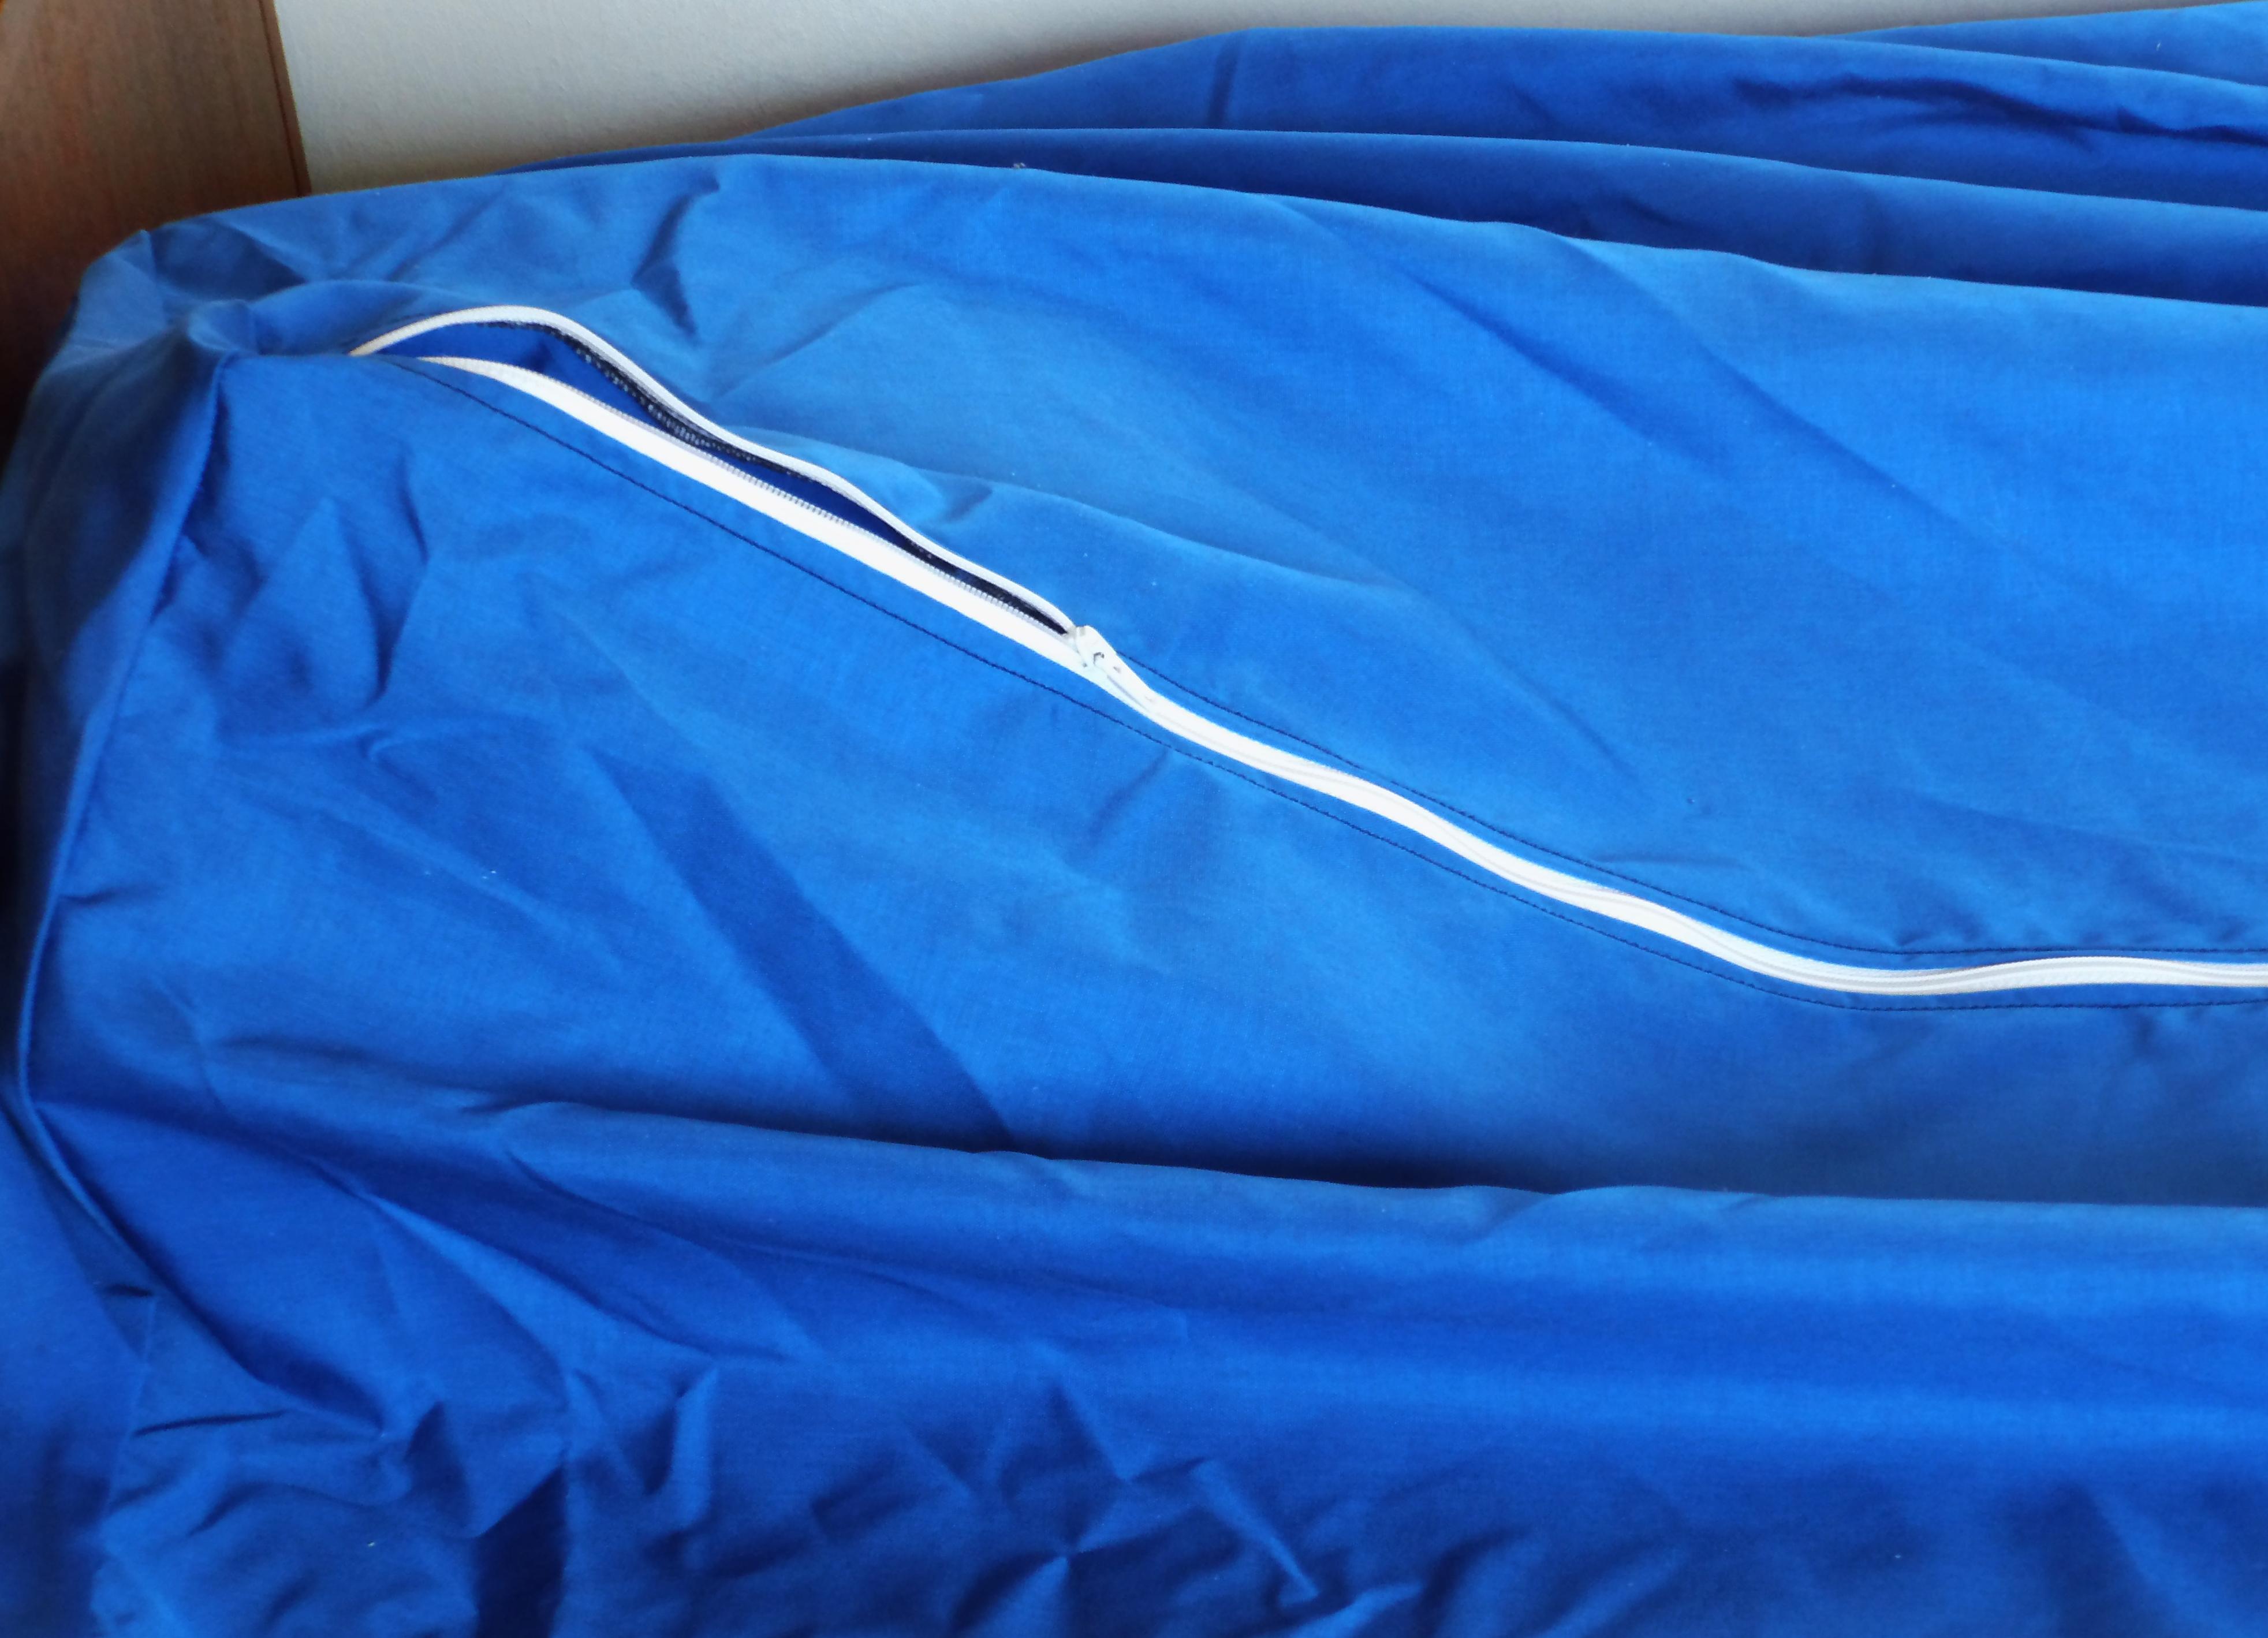 pflegedecke und patientenschlafsack nofix forte f r menschen mit herausforderndem verhalten. Black Bedroom Furniture Sets. Home Design Ideas